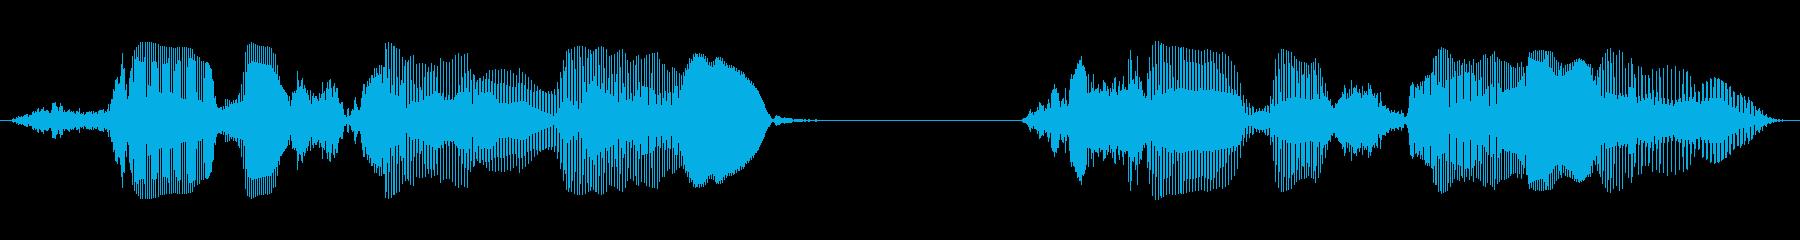 成人女性D:サービスライン1、サー...の再生済みの波形